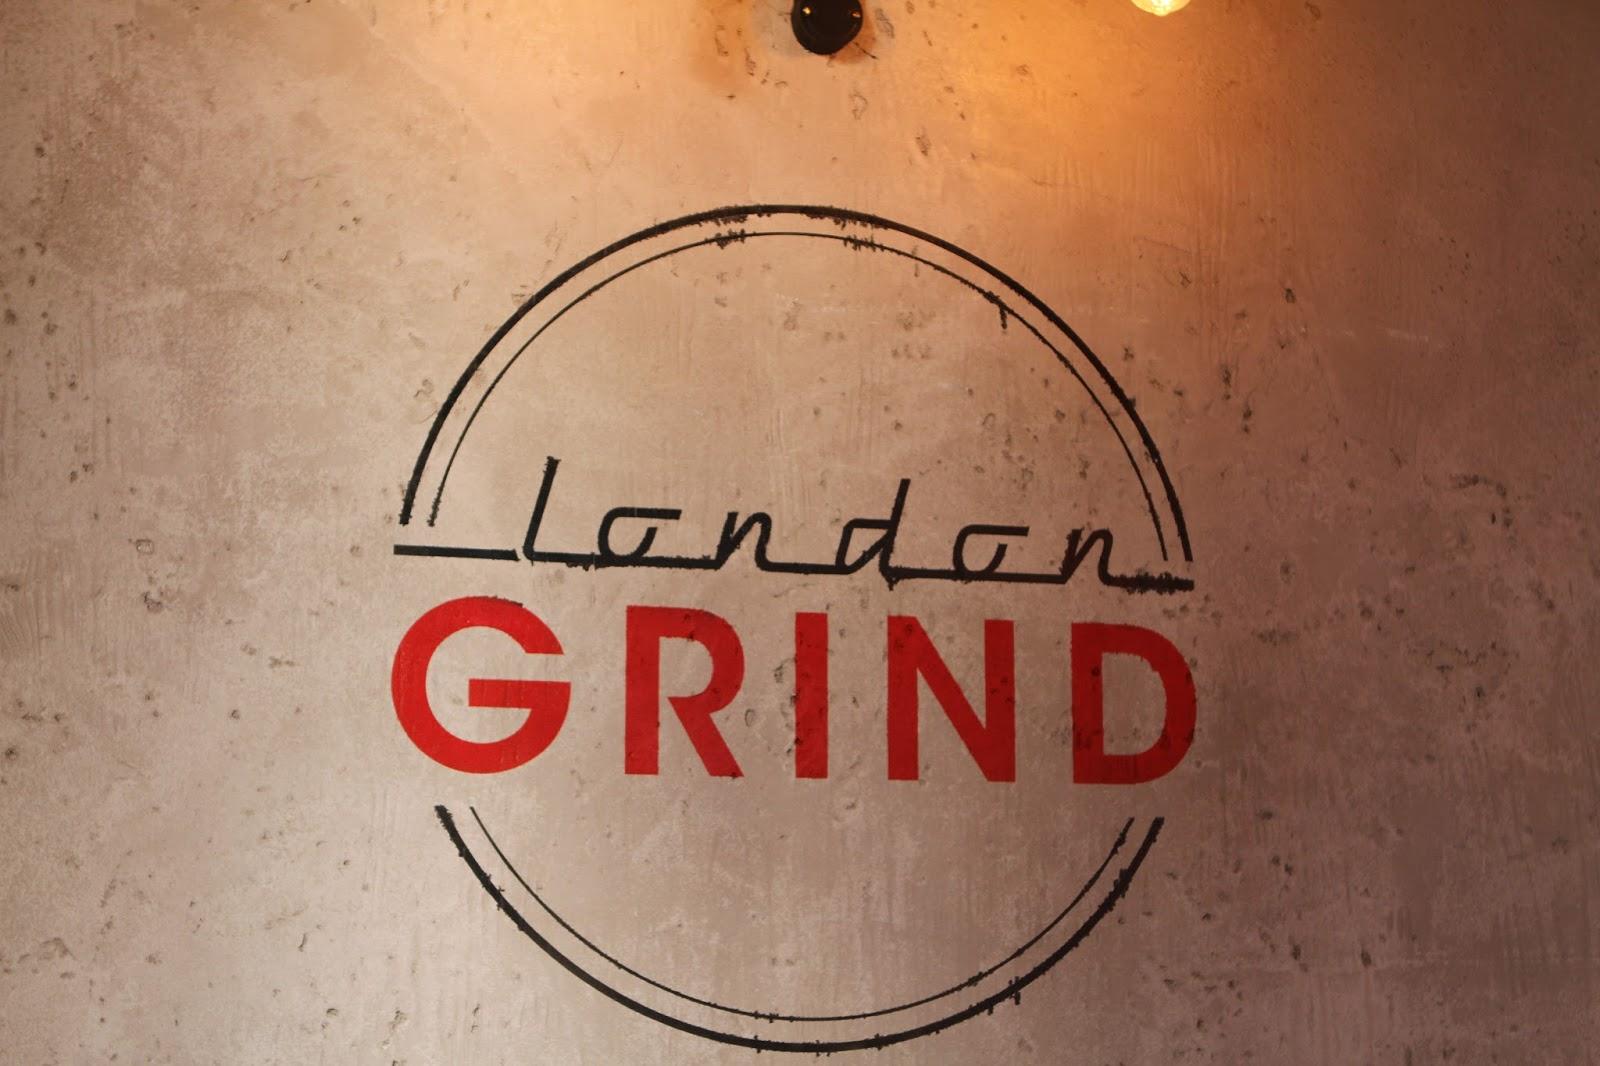 London Grind Gluten free